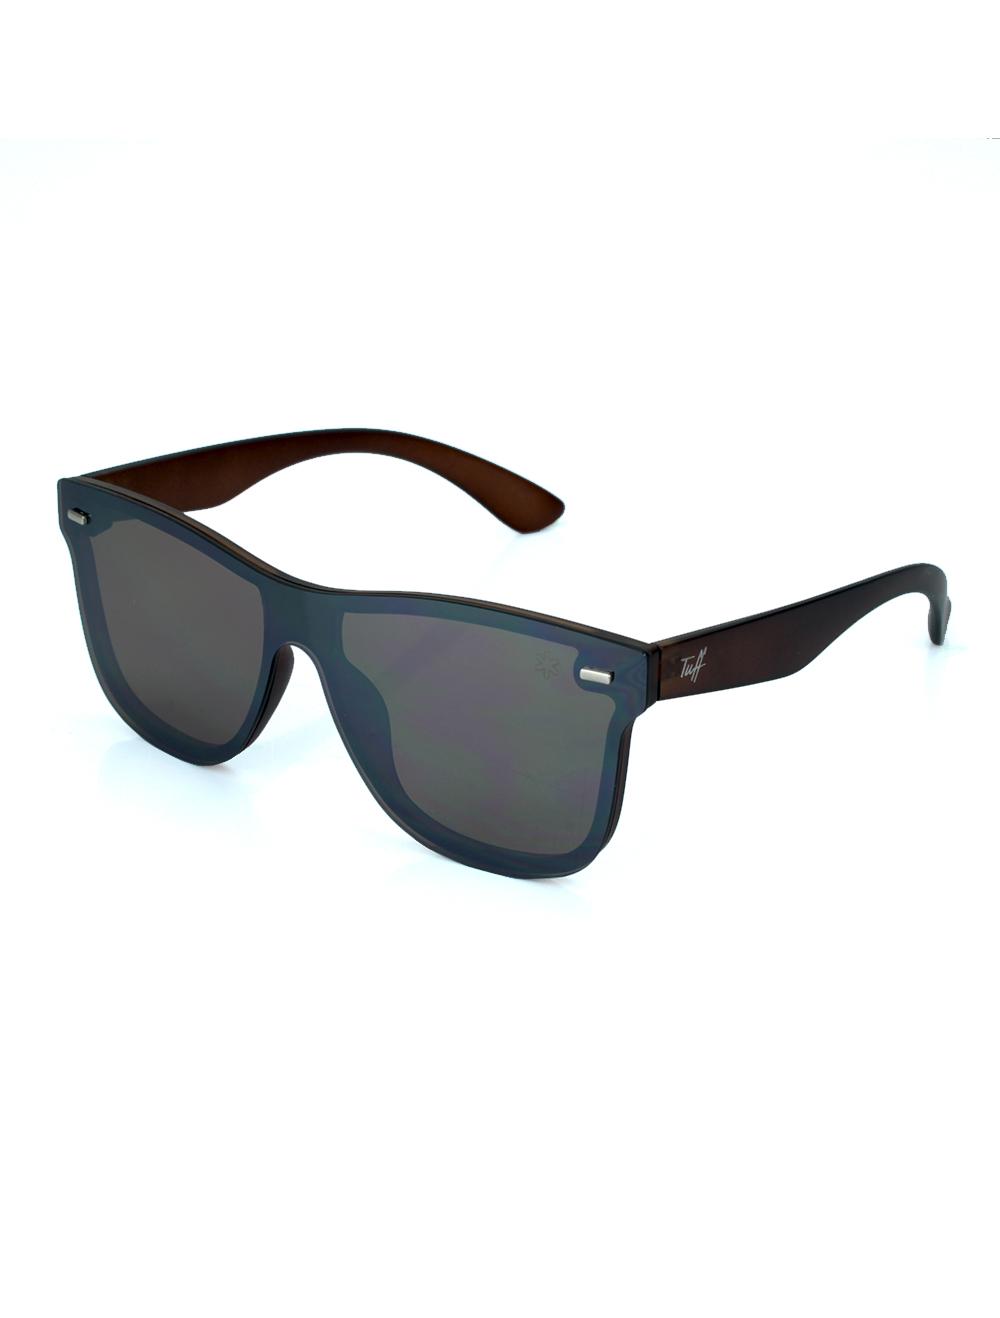 Sunglasses Quadrado Espelhado Marrom